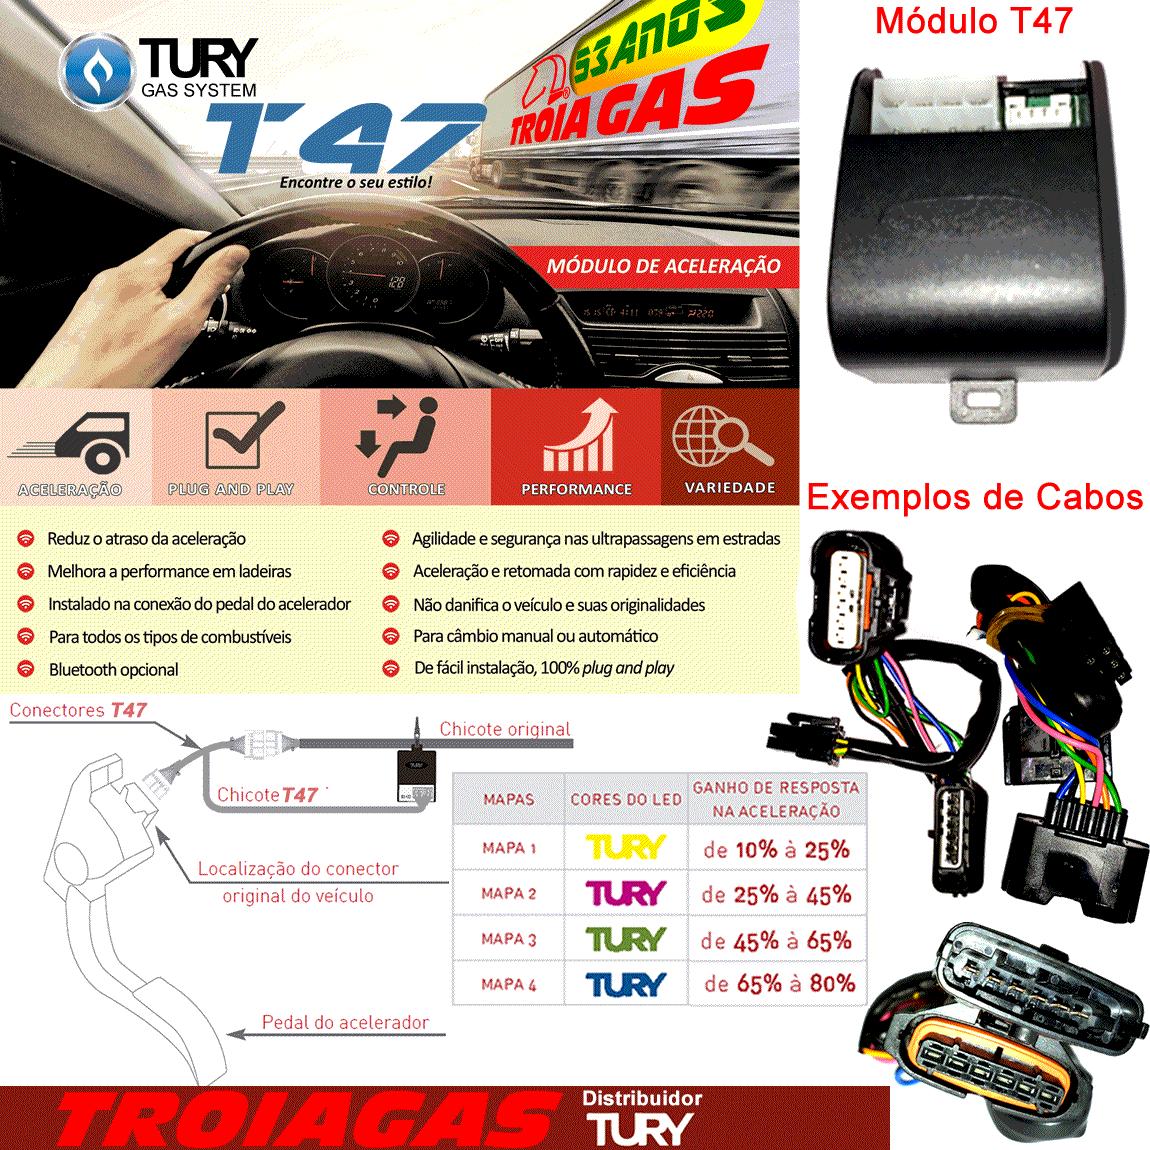 Módulo Acelerador TURY T47 B com Programador e Chicote